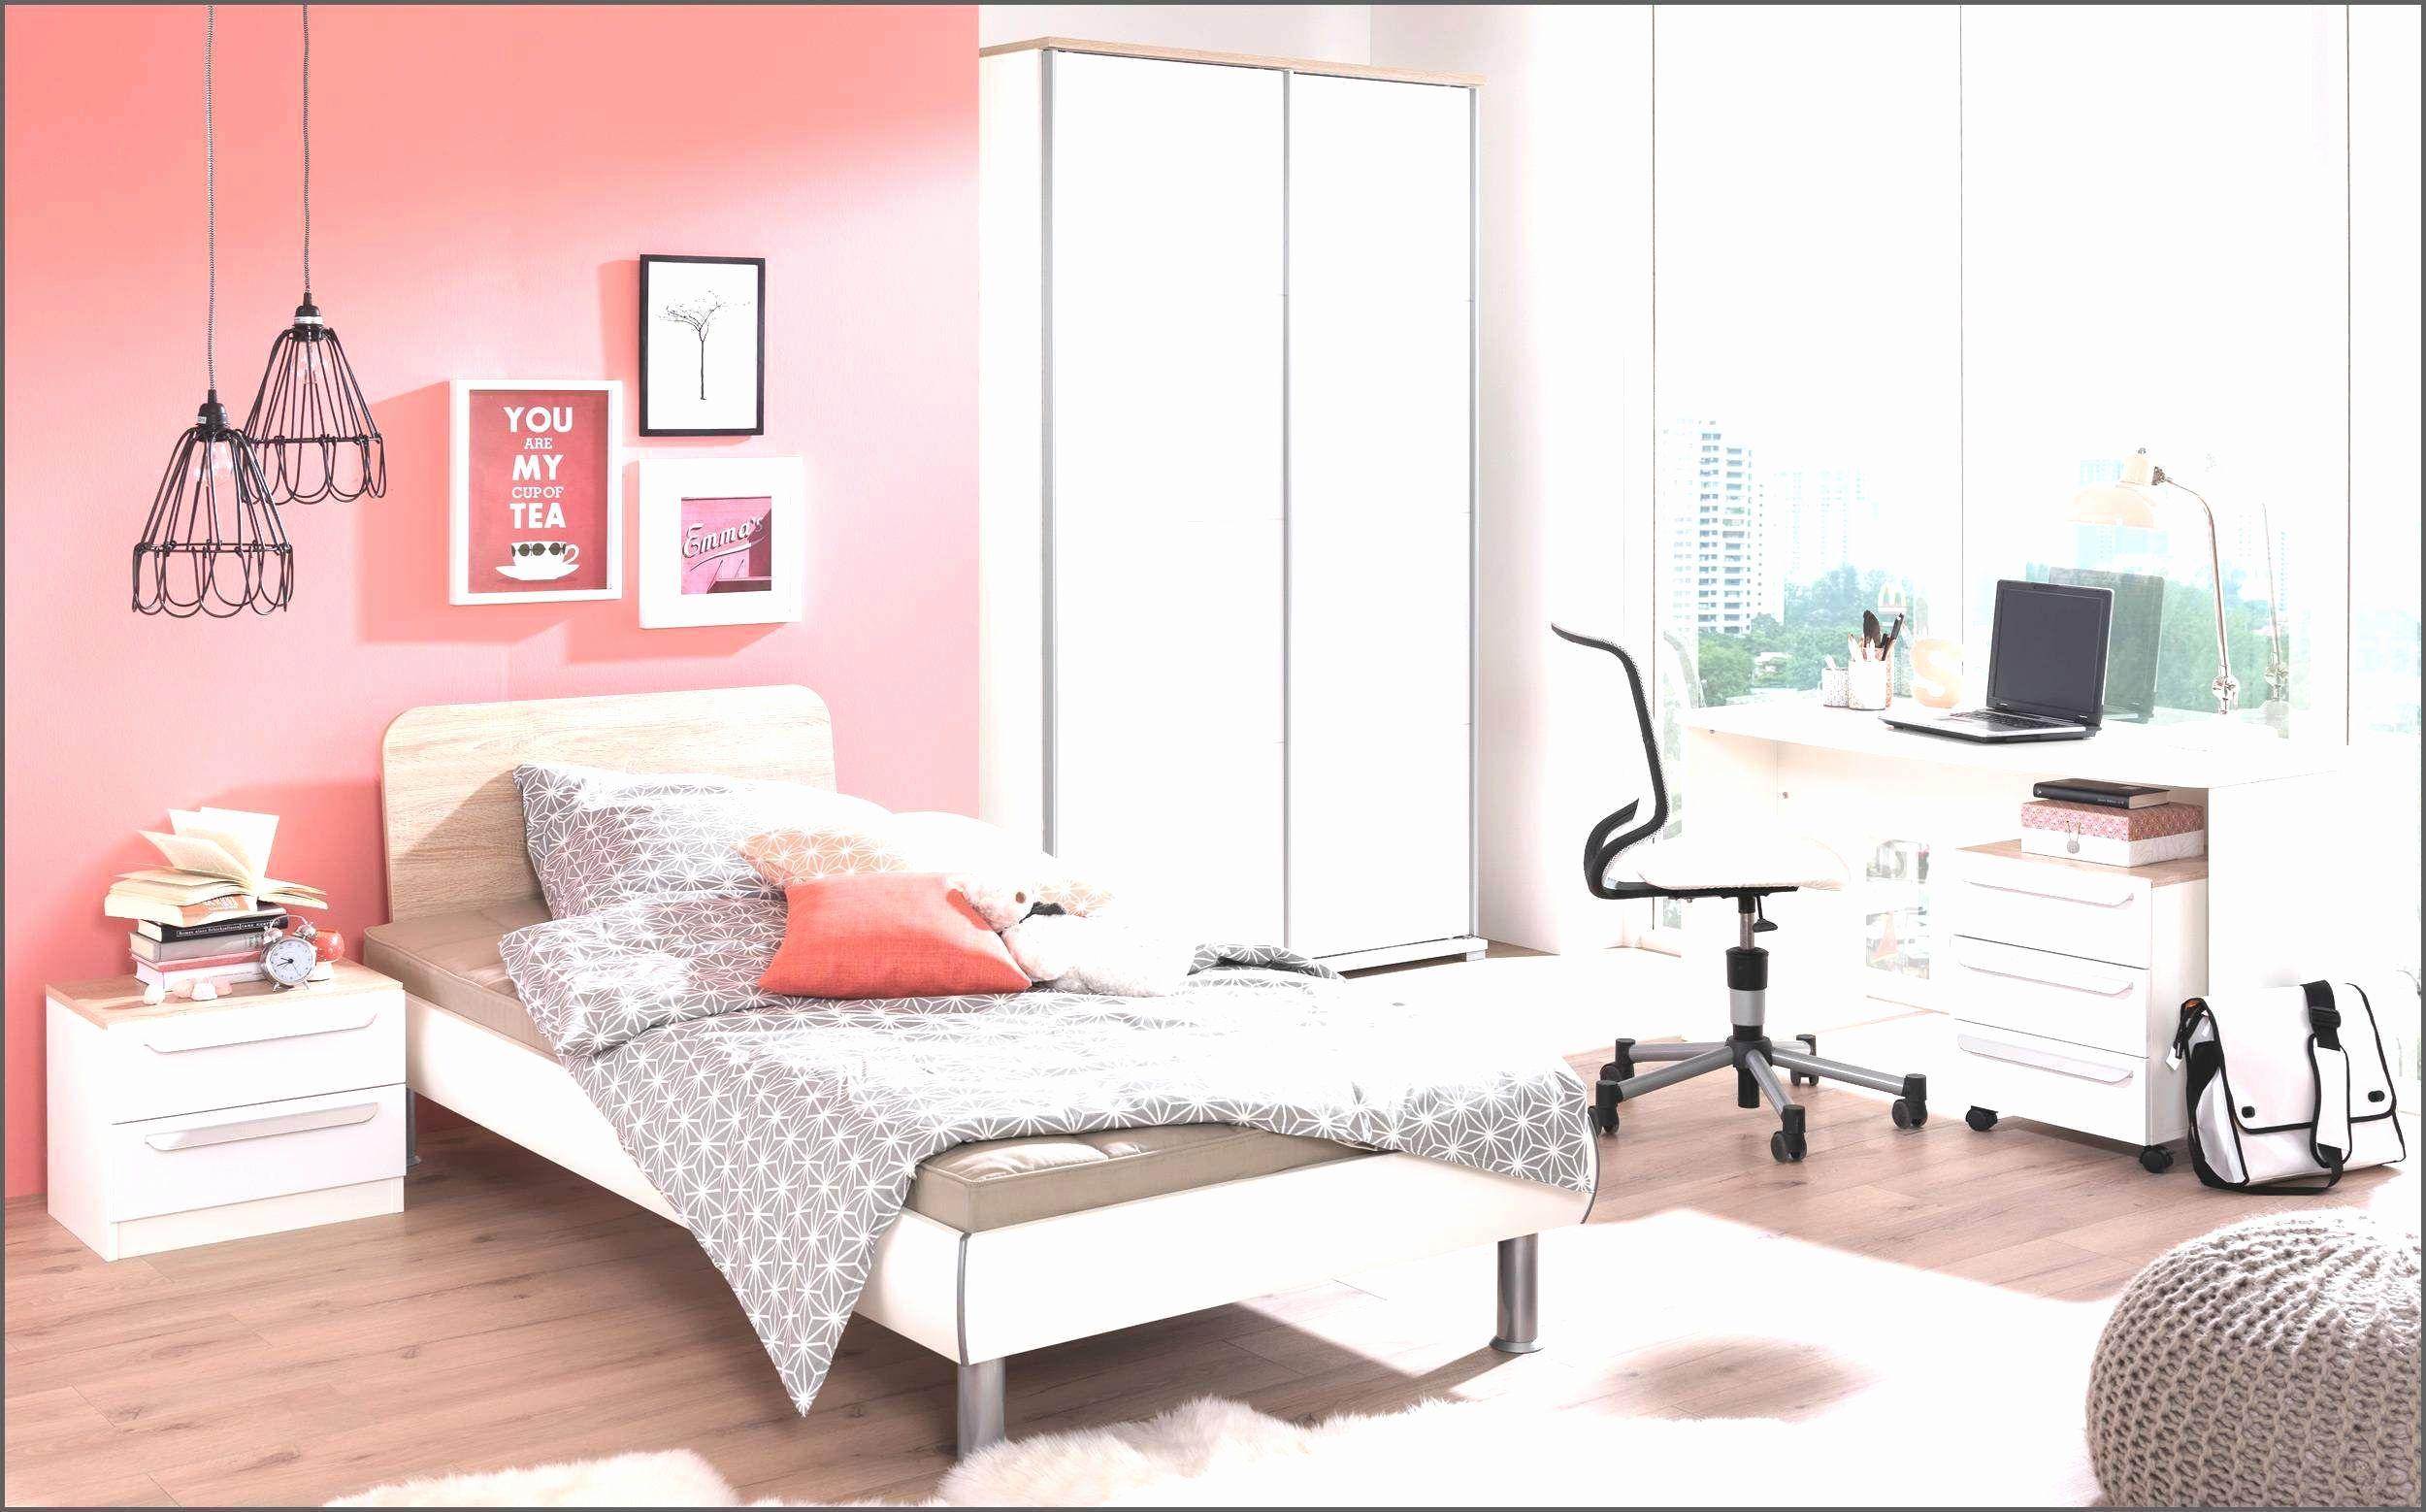 Full Size of Lampe Jugendzimmer Mdchen Ikea Schn Sofa Mit Schlaffunktion Küche Kosten Bett Modulküche Kaufen Betten Bei Miniküche 160x200 Wohnzimmer Ikea Jugendzimmer